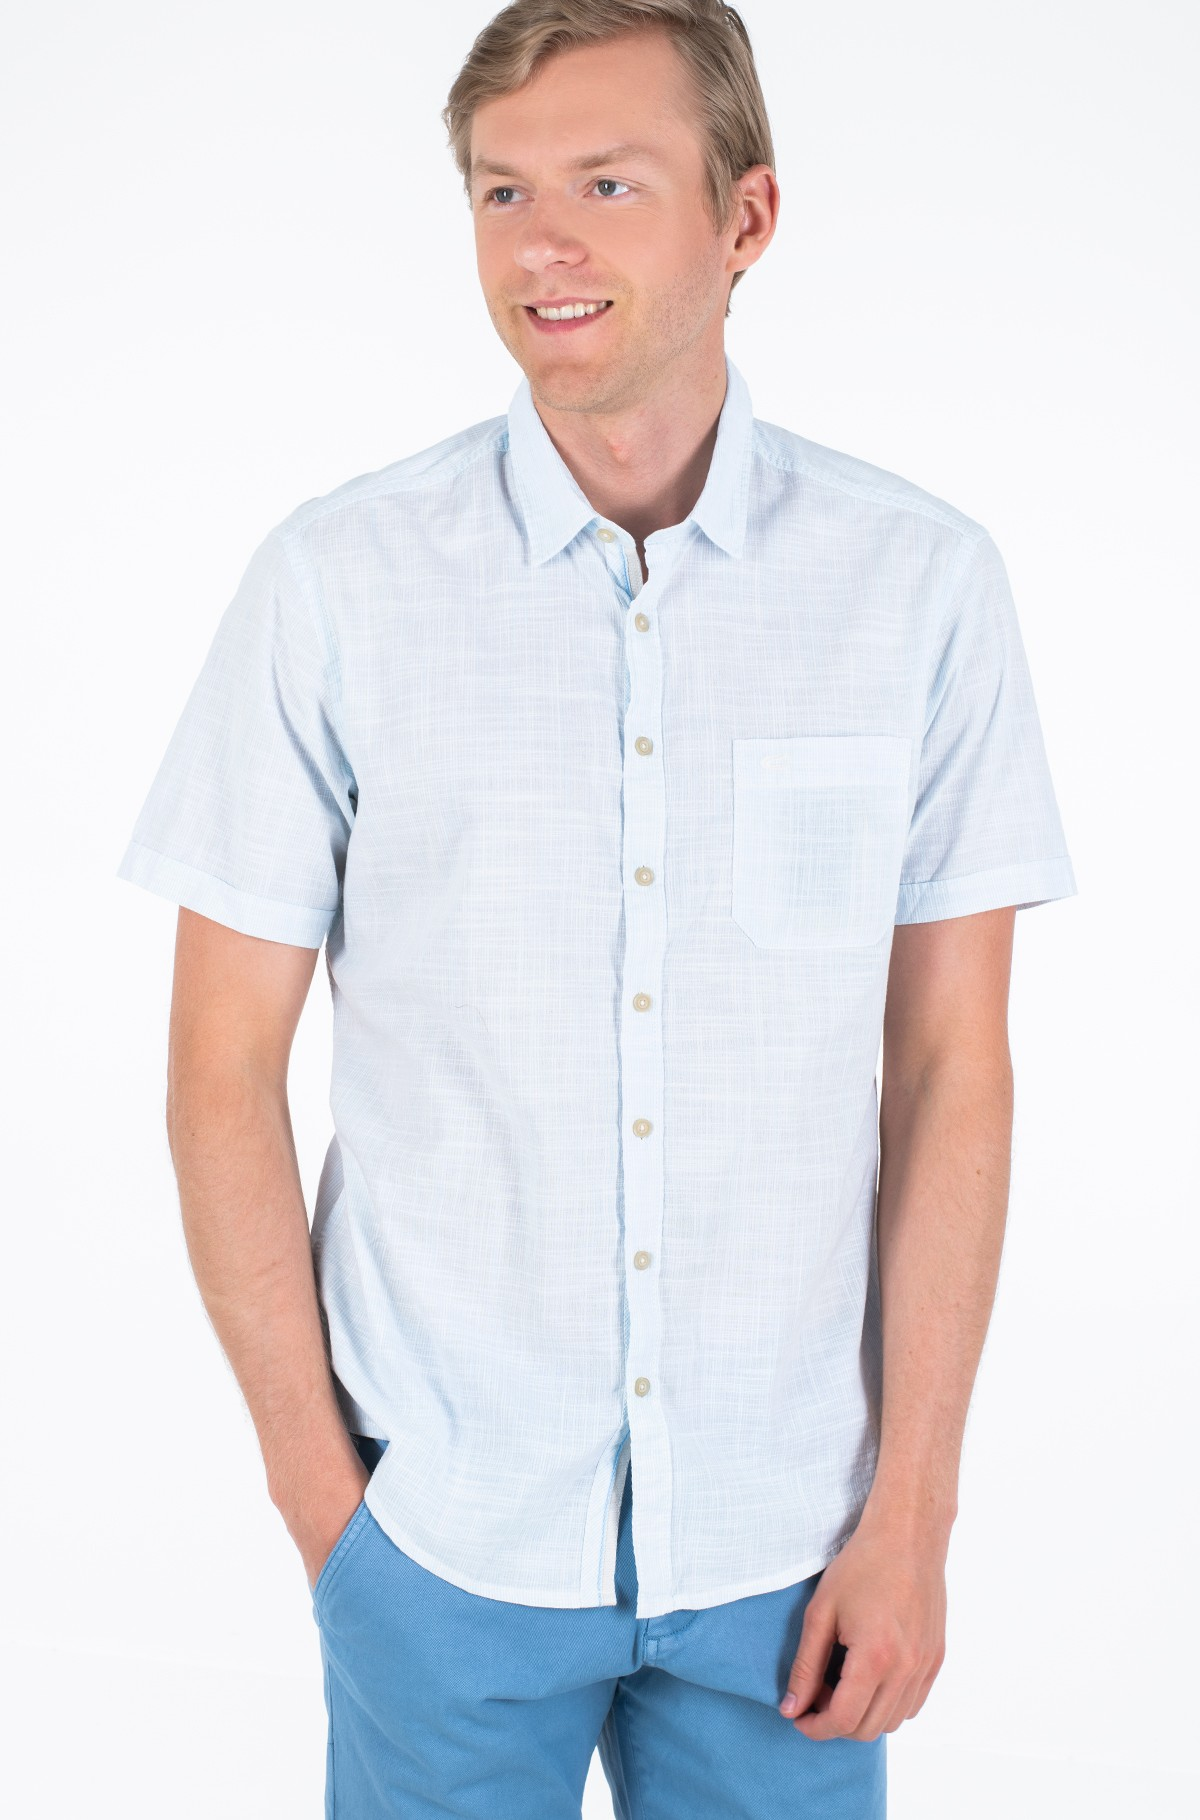 Marškiniai su trumpomis rankovėmis 409221/3S32-full-1